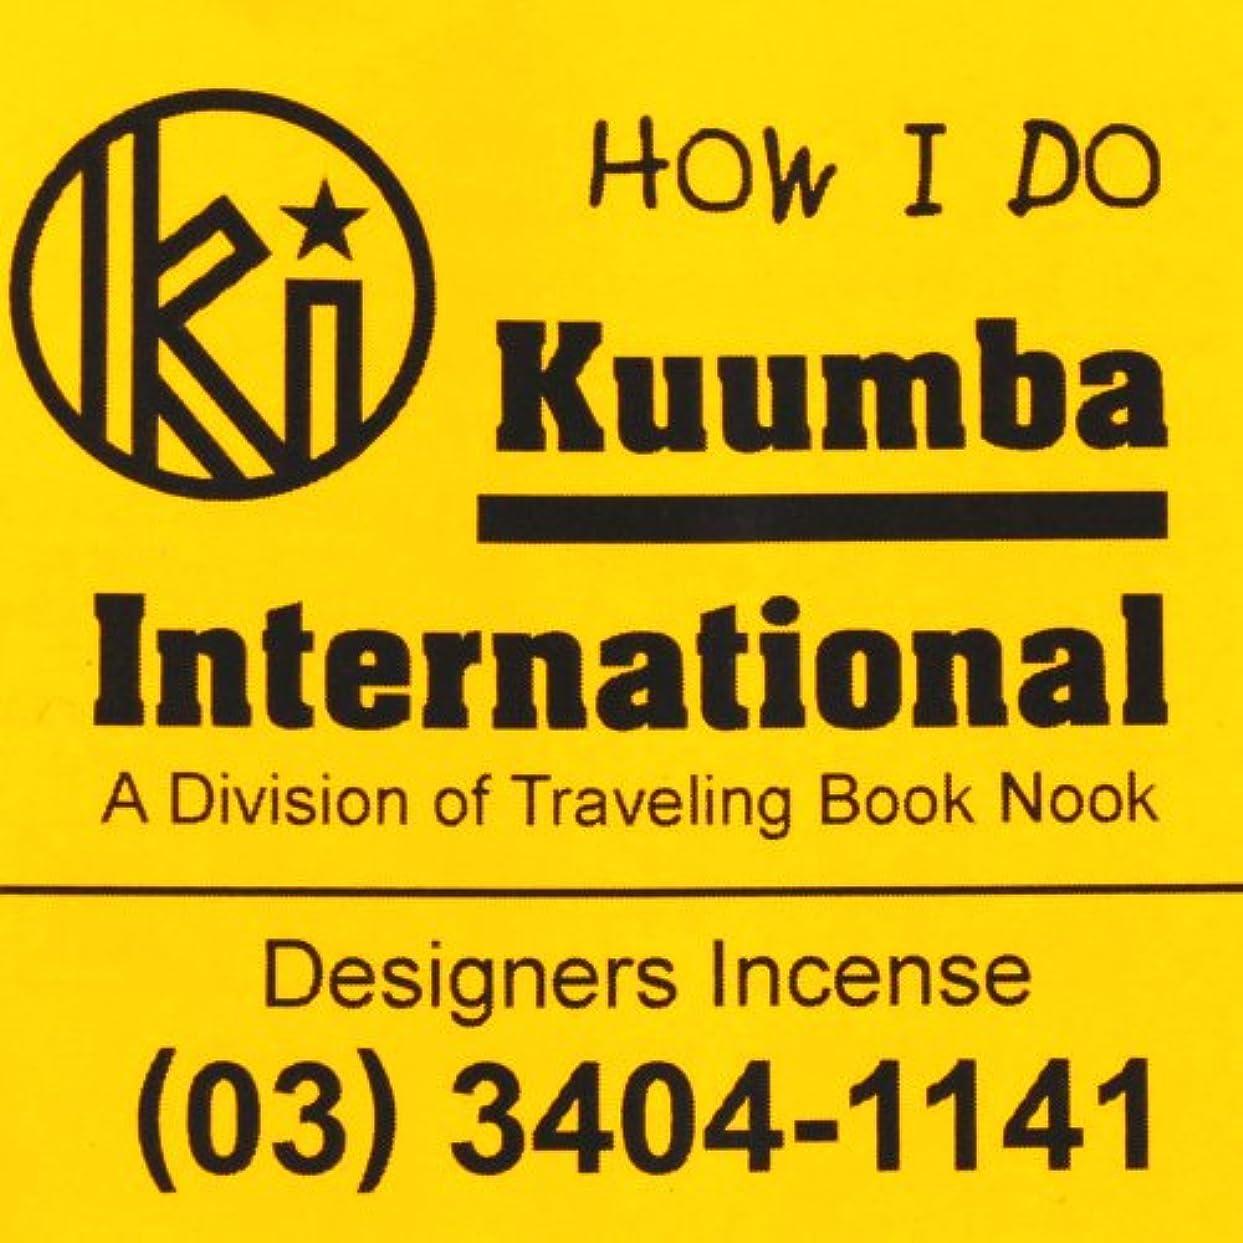 音楽委任無し(クンバ) KUUMBA『classic regular incense』(HOW I DO) (Regular size)